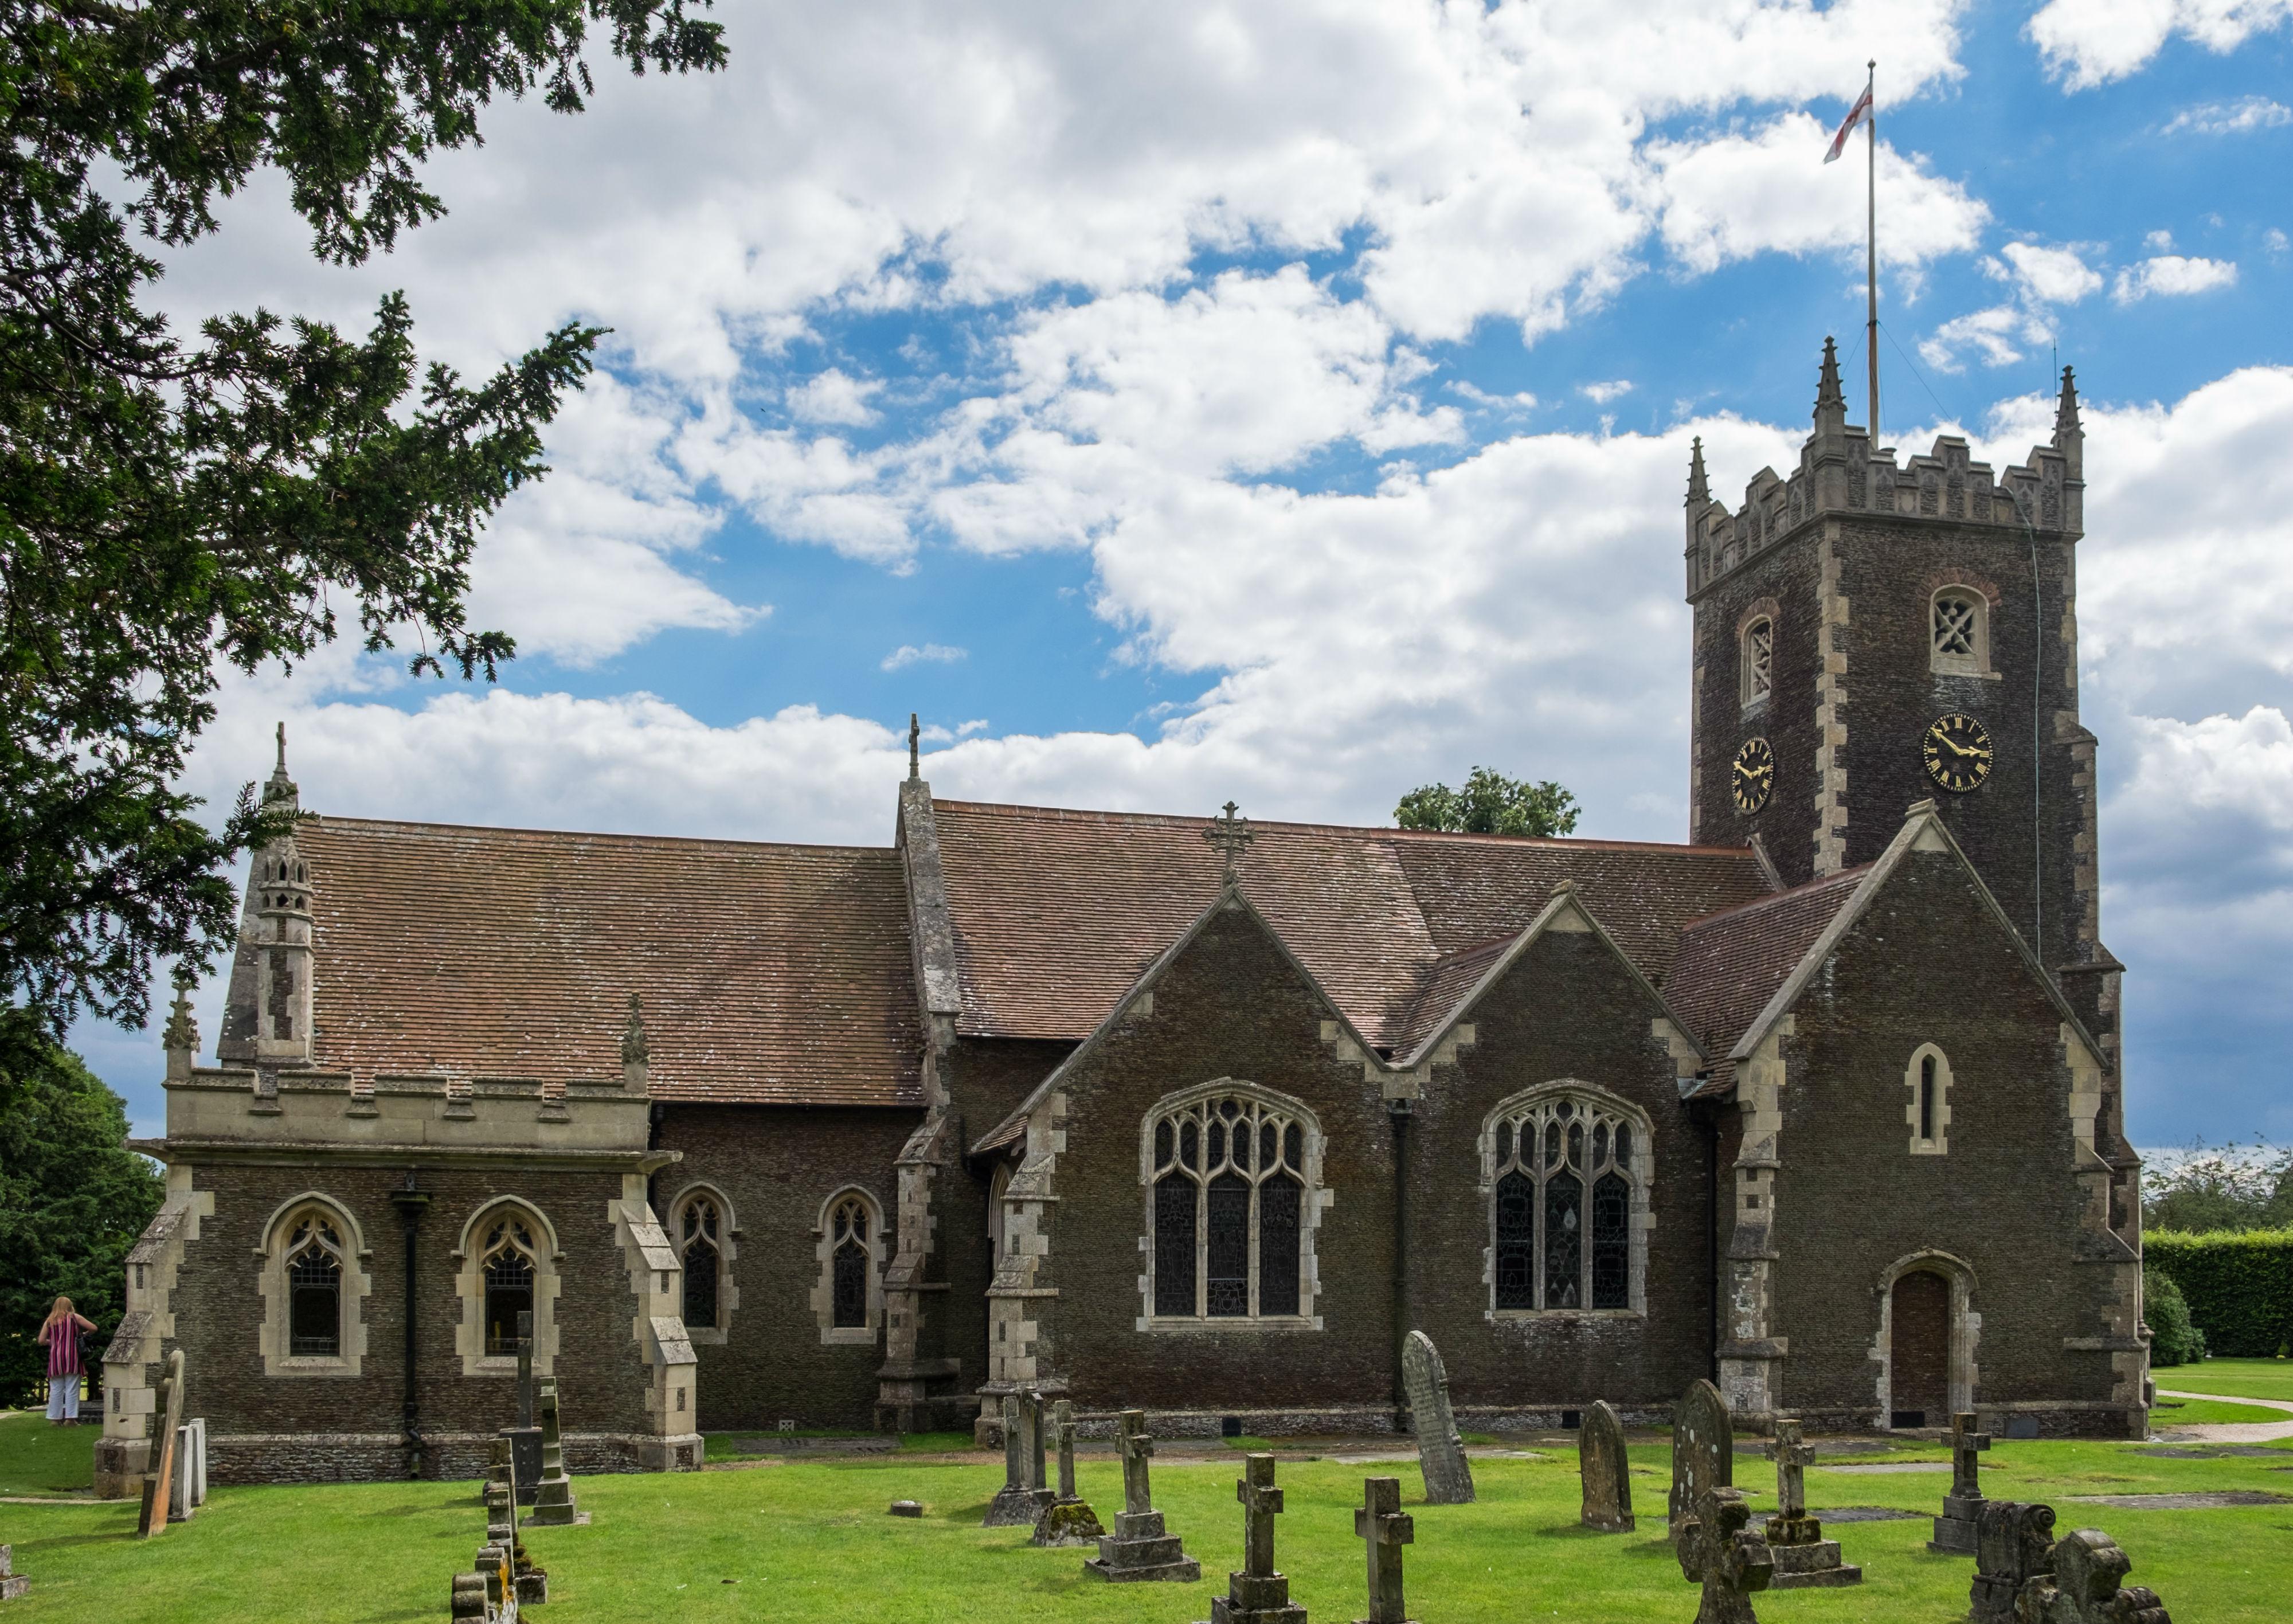 st_mary_magdalene_church_sandringham_kisebb.jpg